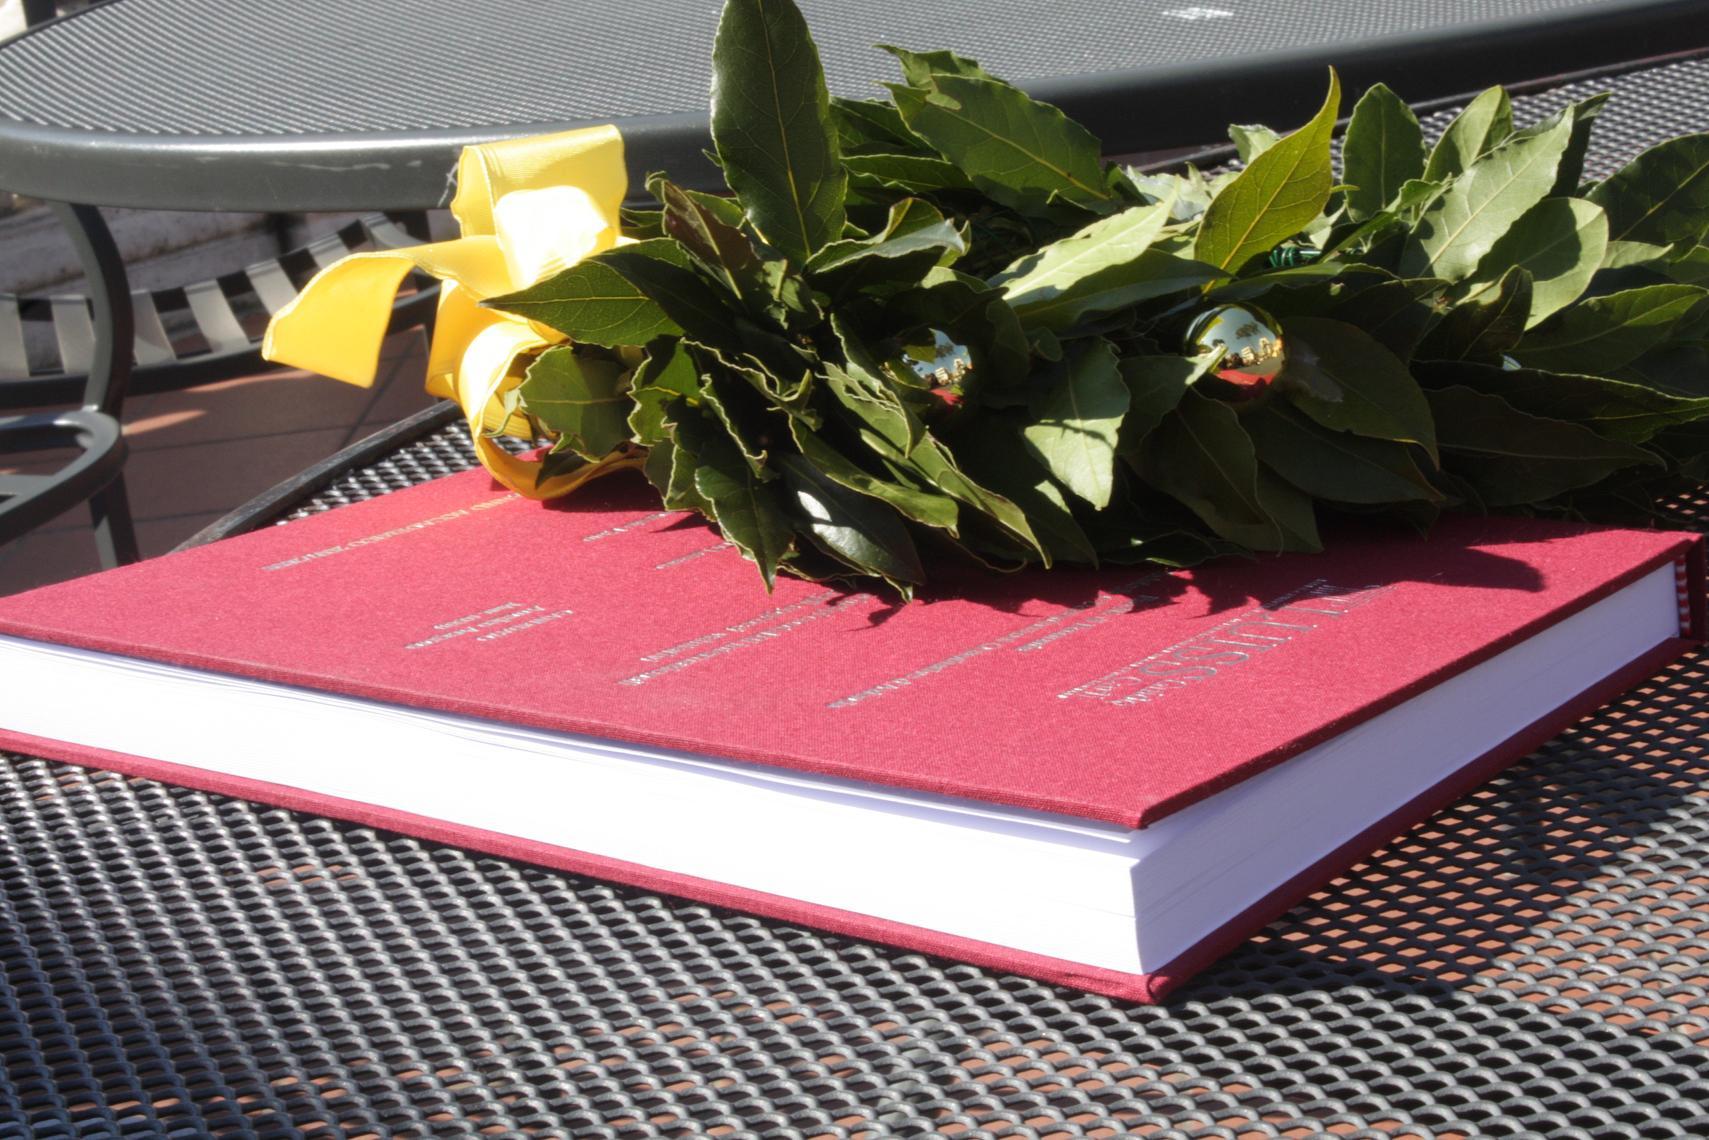 Cinque brani per conoscere i Can, scelti e raccontati da Enrico Gabrielli - Can, foto via